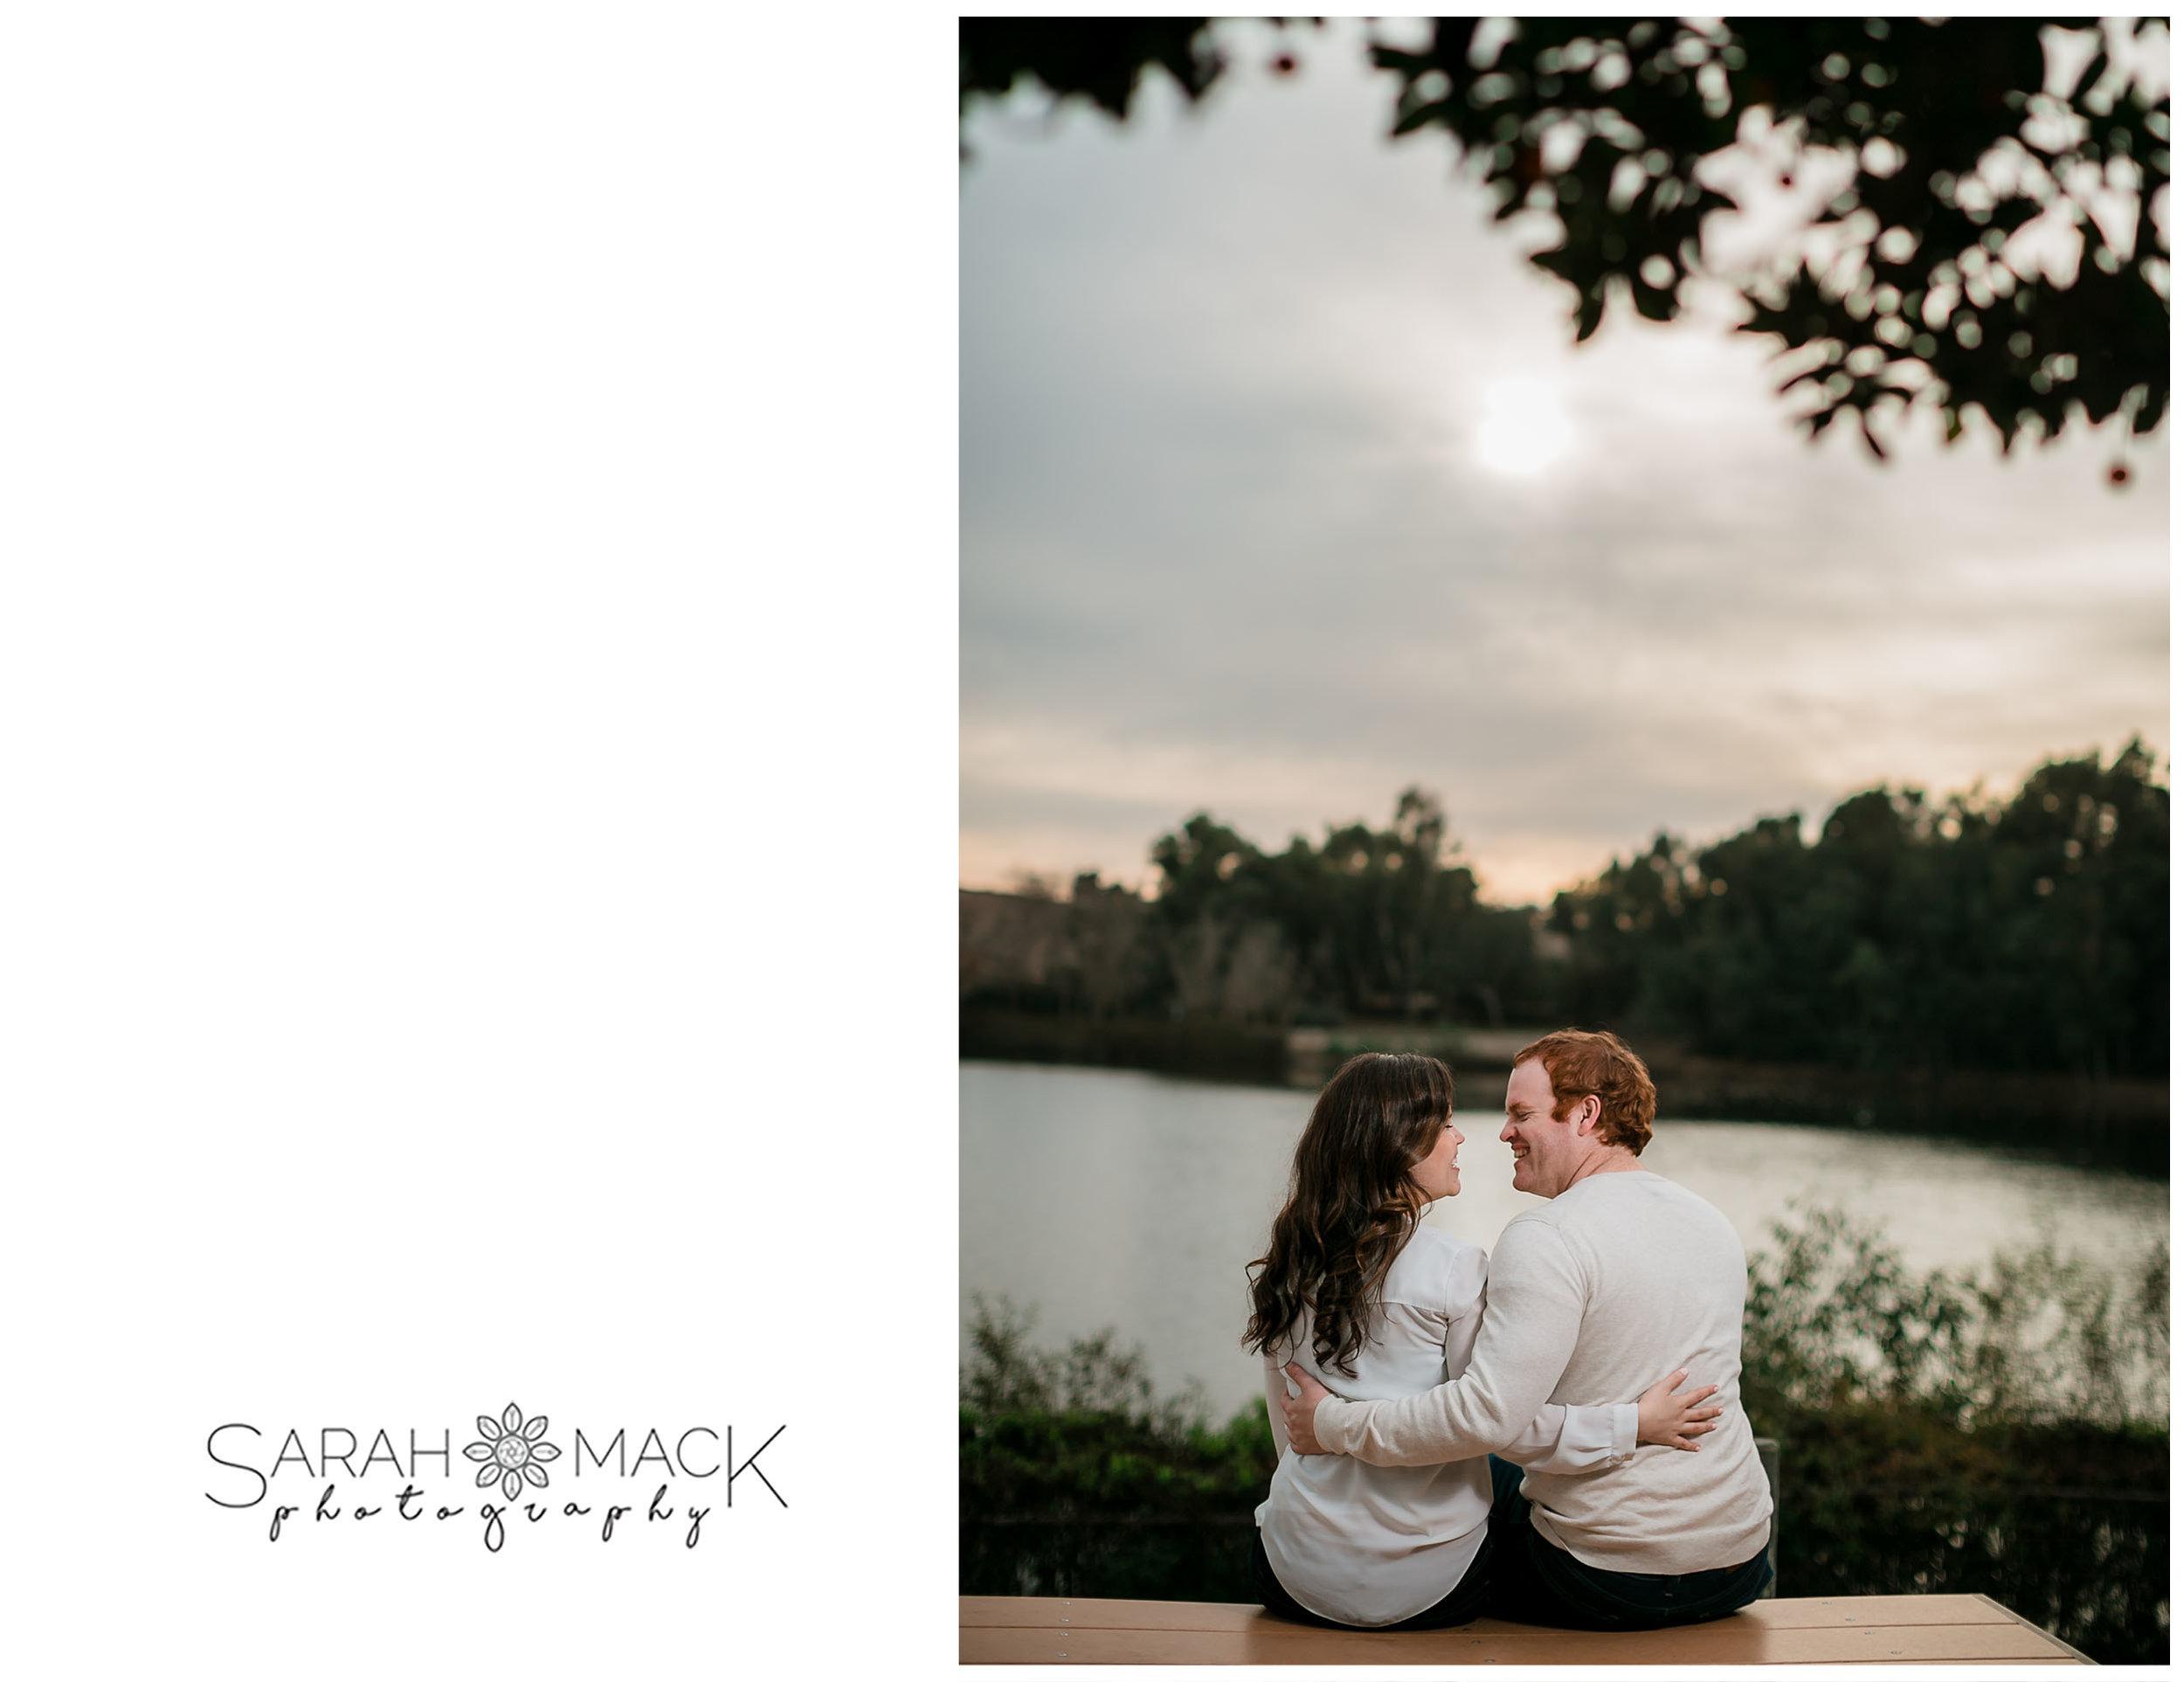 AM-Huntington-Beach-Central-Park-Engagement-Photography-4.jpg